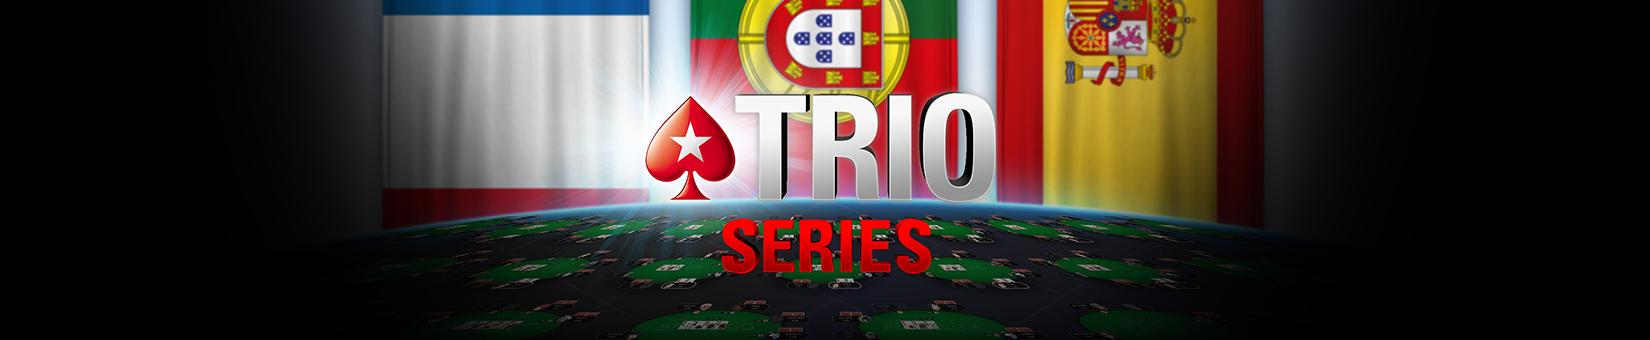 PokerStars fête ses Trio Series et attend l'Italie avec impatience 0001